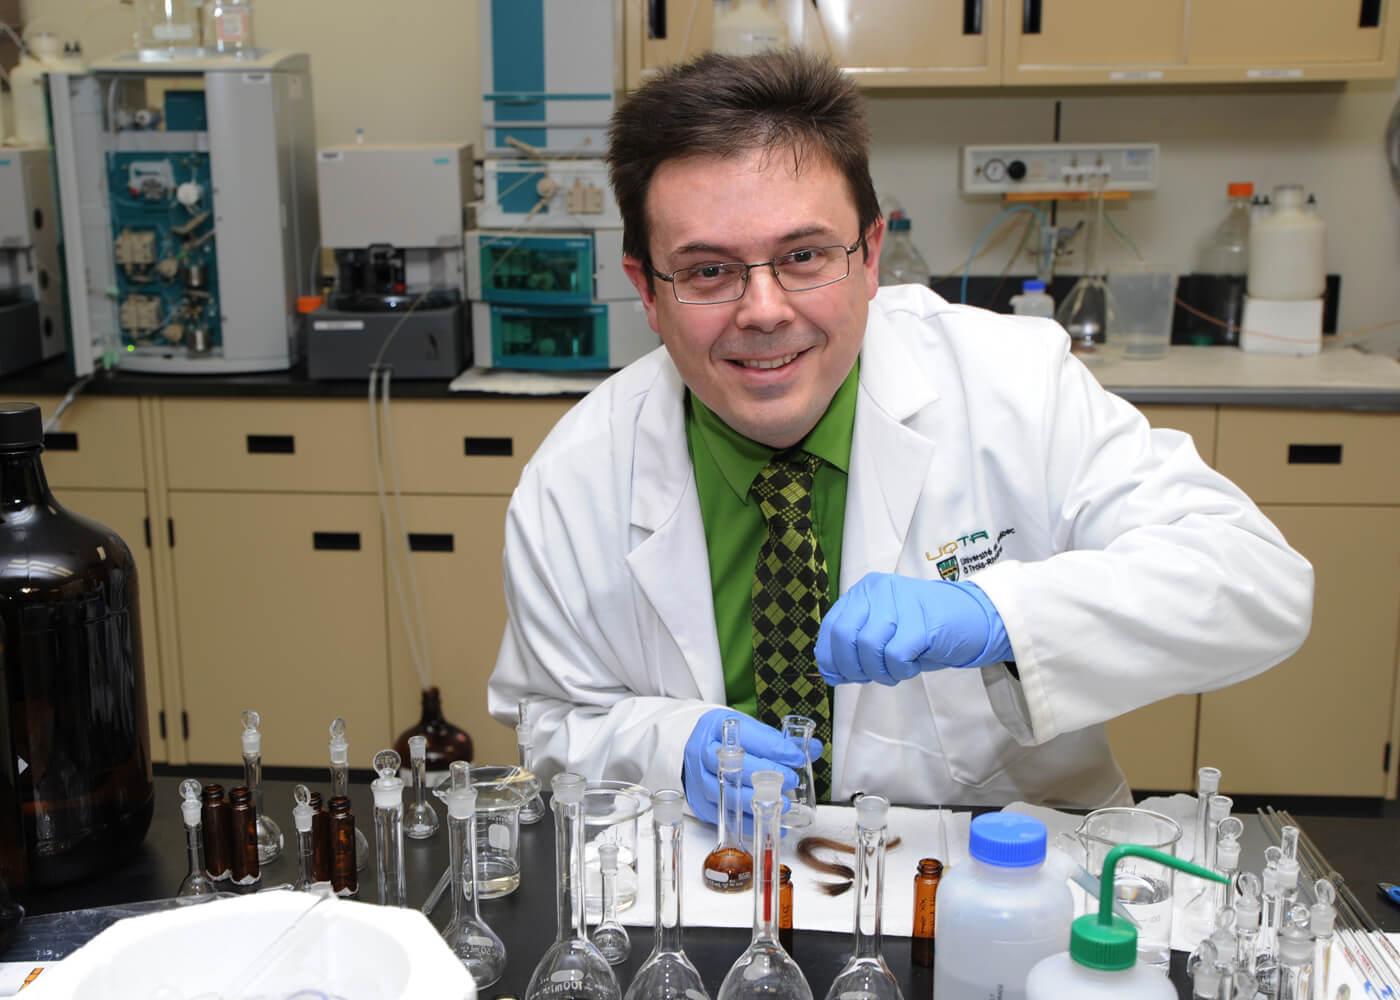 André Lajeunesse est professeur au Département de chimie, biochimie et physique de l'UQTR.